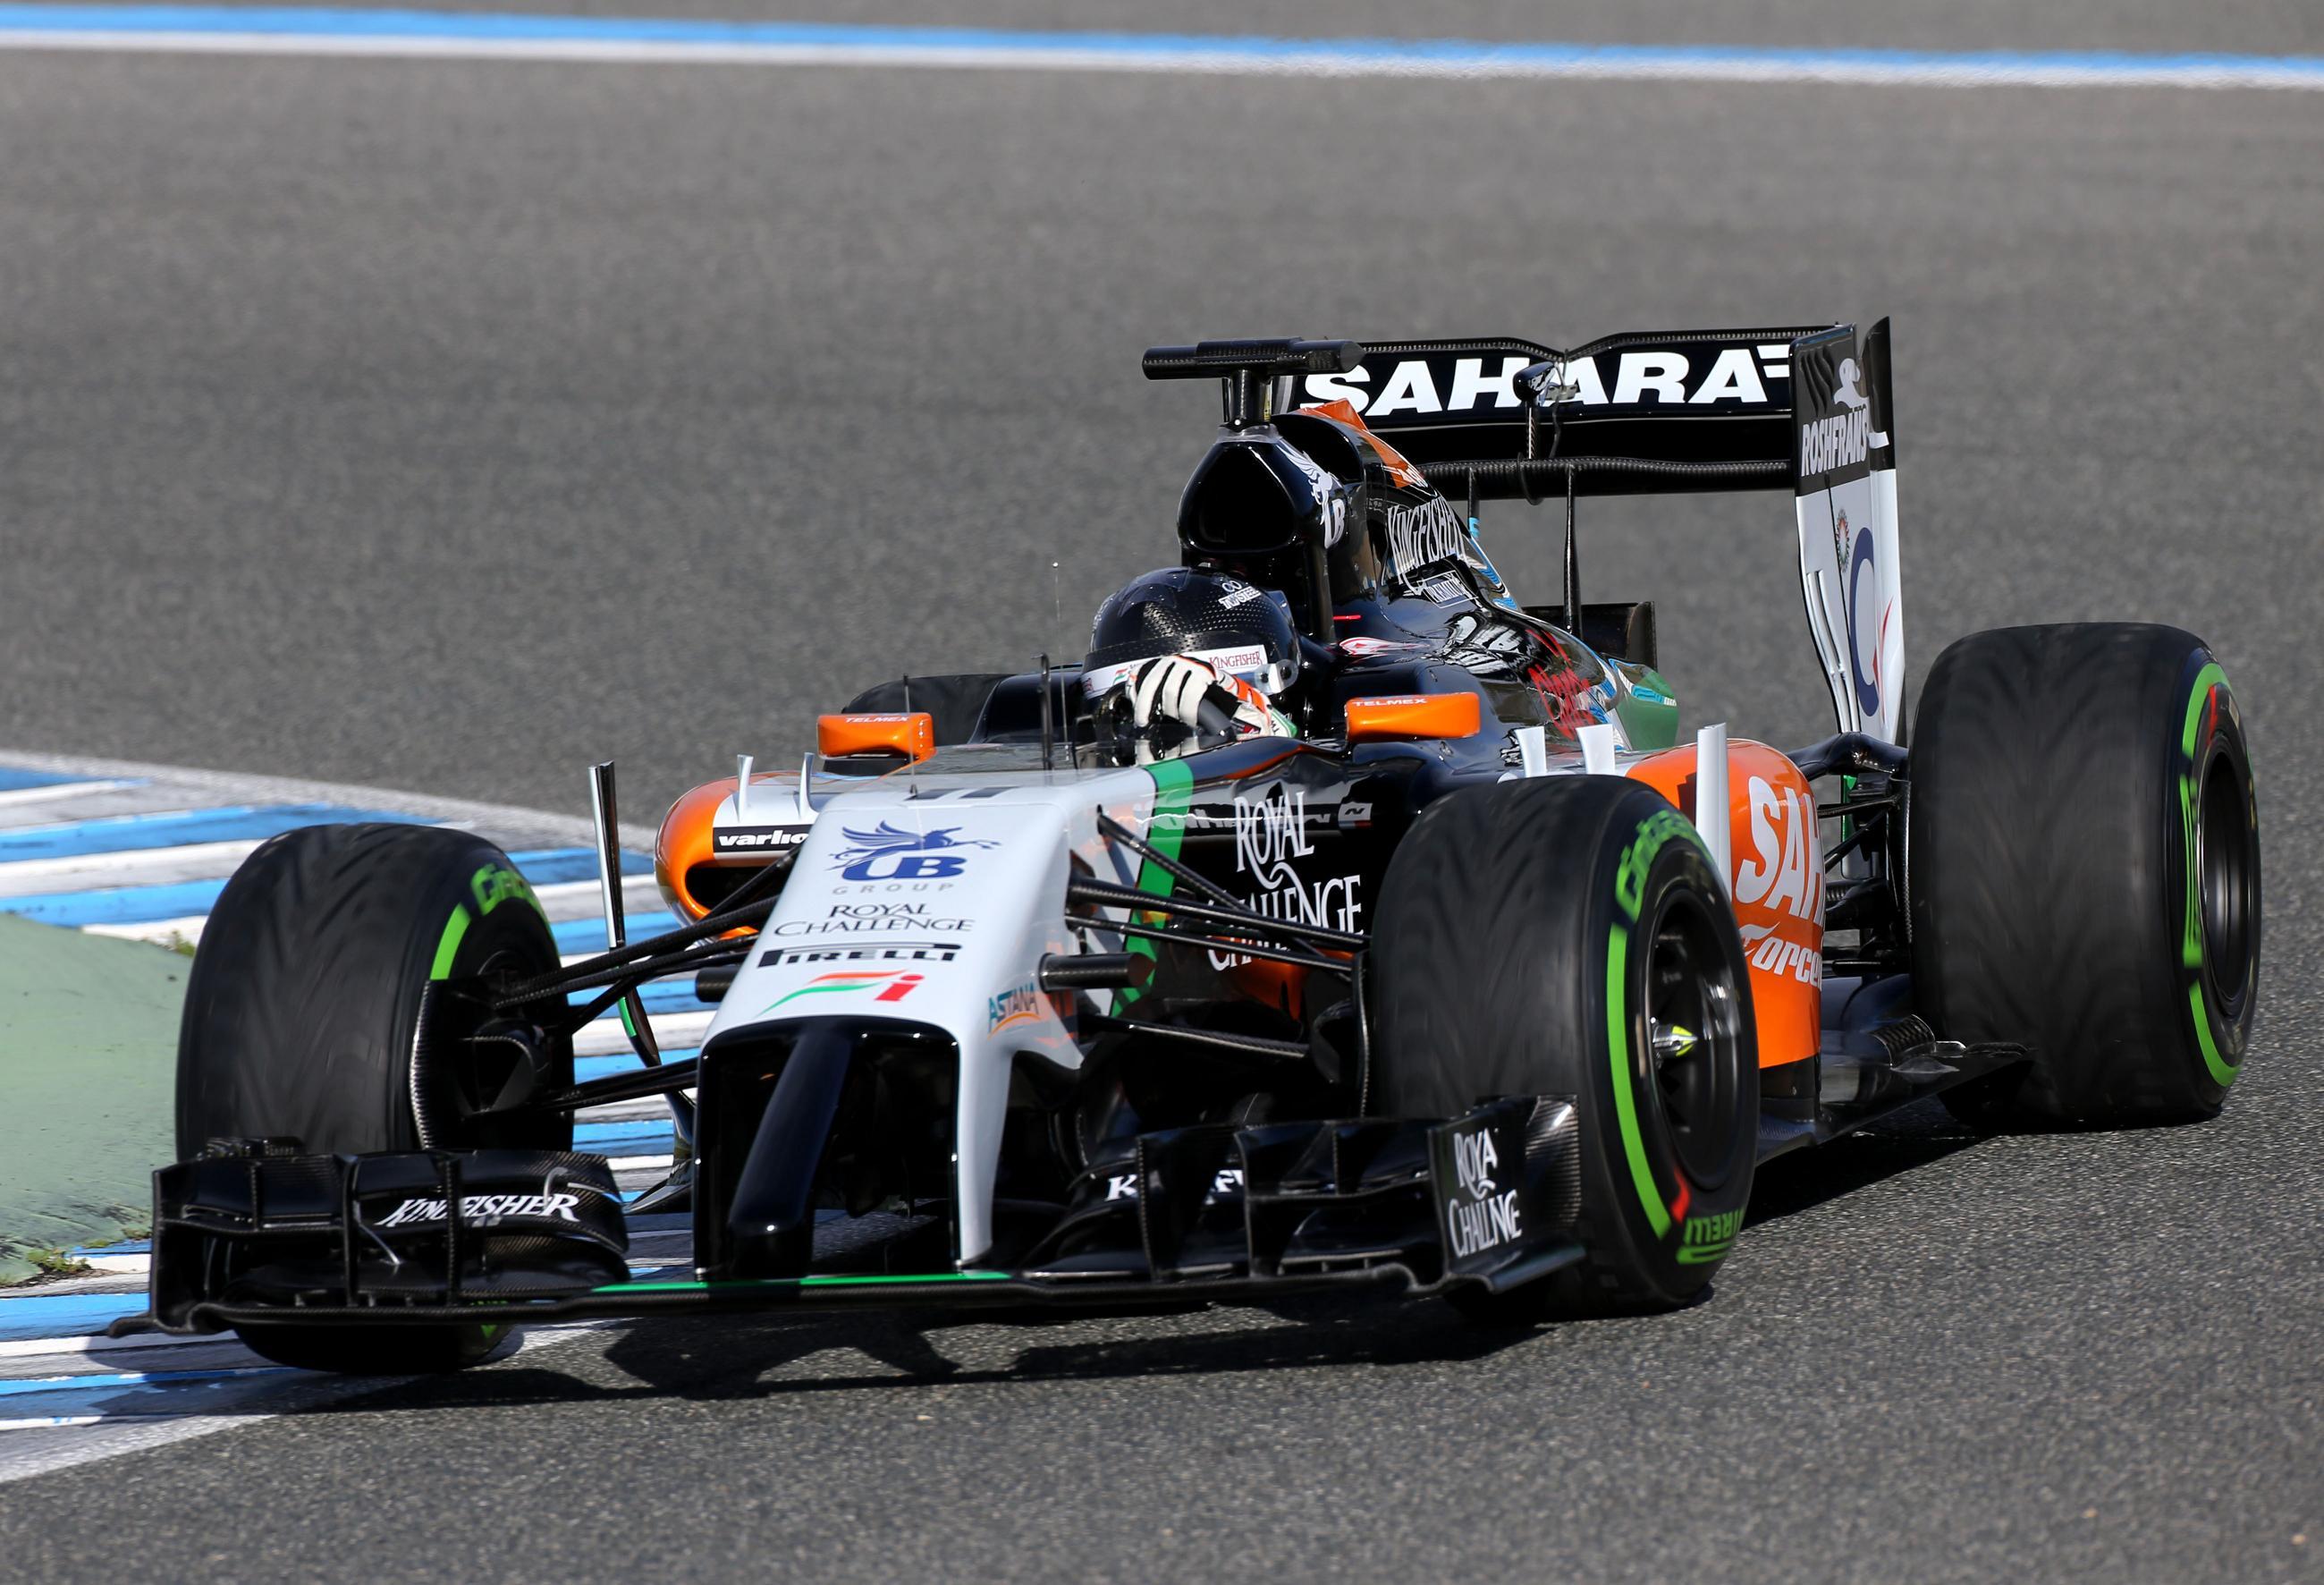 Force India: Pérez kezdte meg a VJM07 betörését